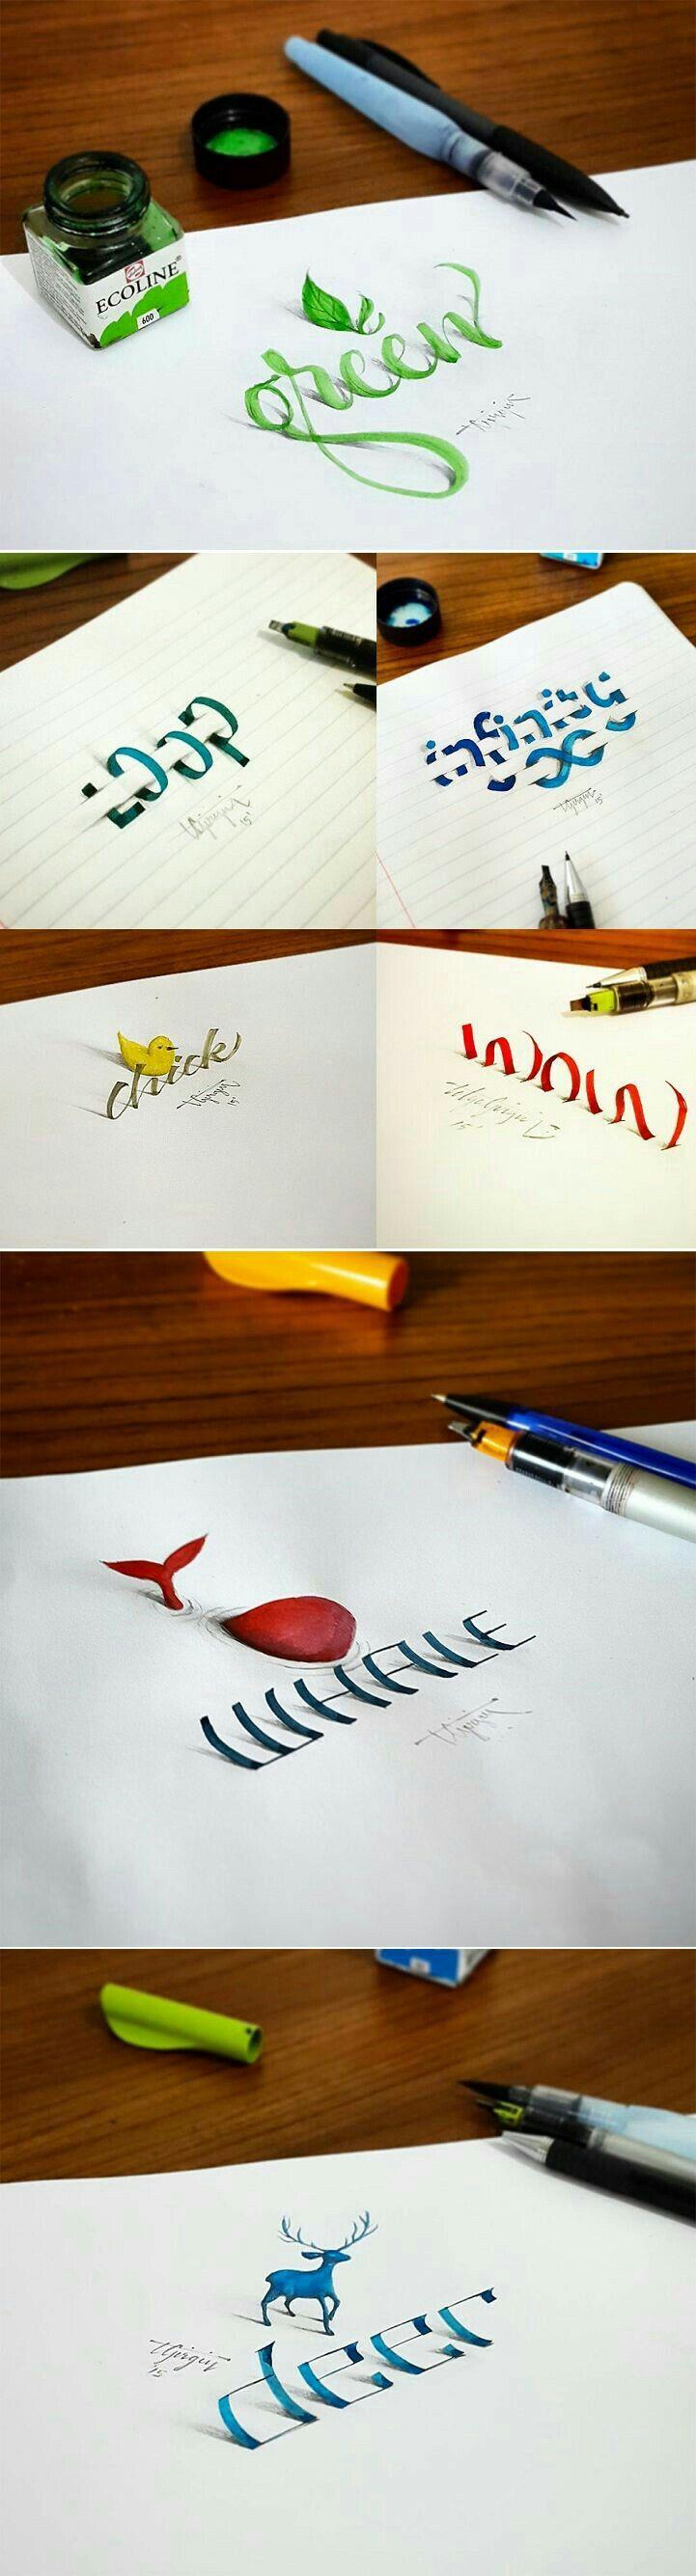 Zeichnen Schrift Typografie Schreiben Schleifen Dekoration Kinder Basteln Machen Sie Ihr Logo